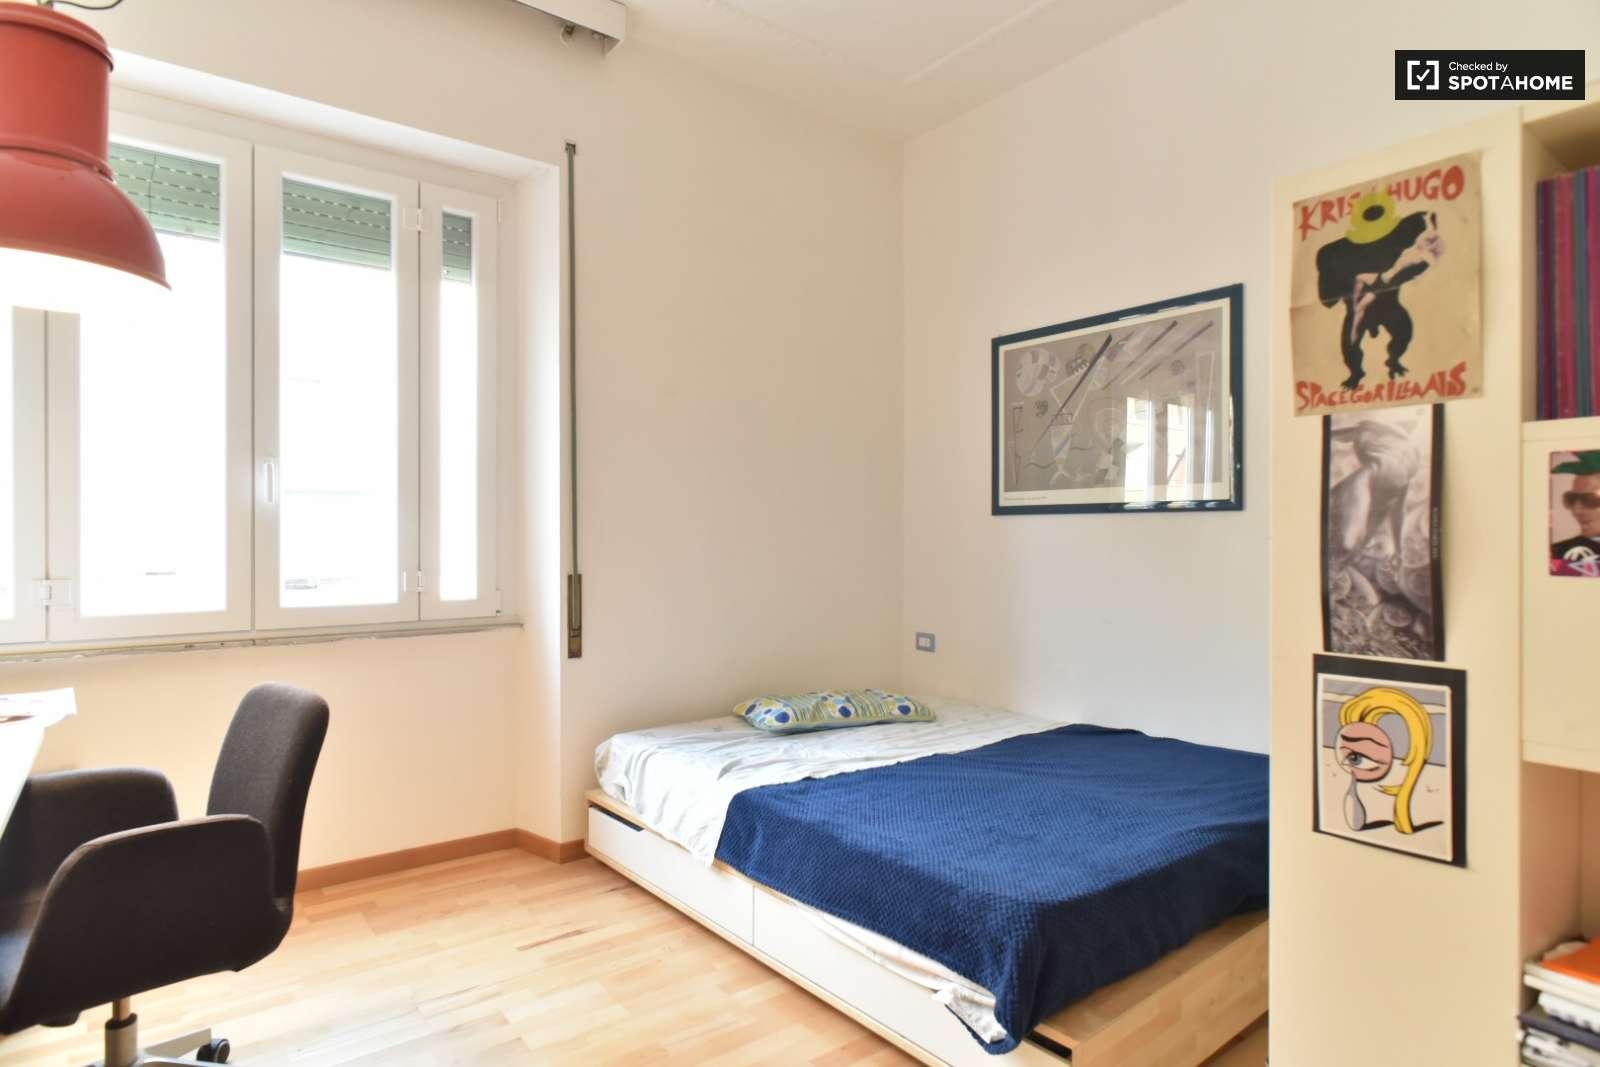 Camera arredata in appartamento con 3 camere da letto a Nomentano ...